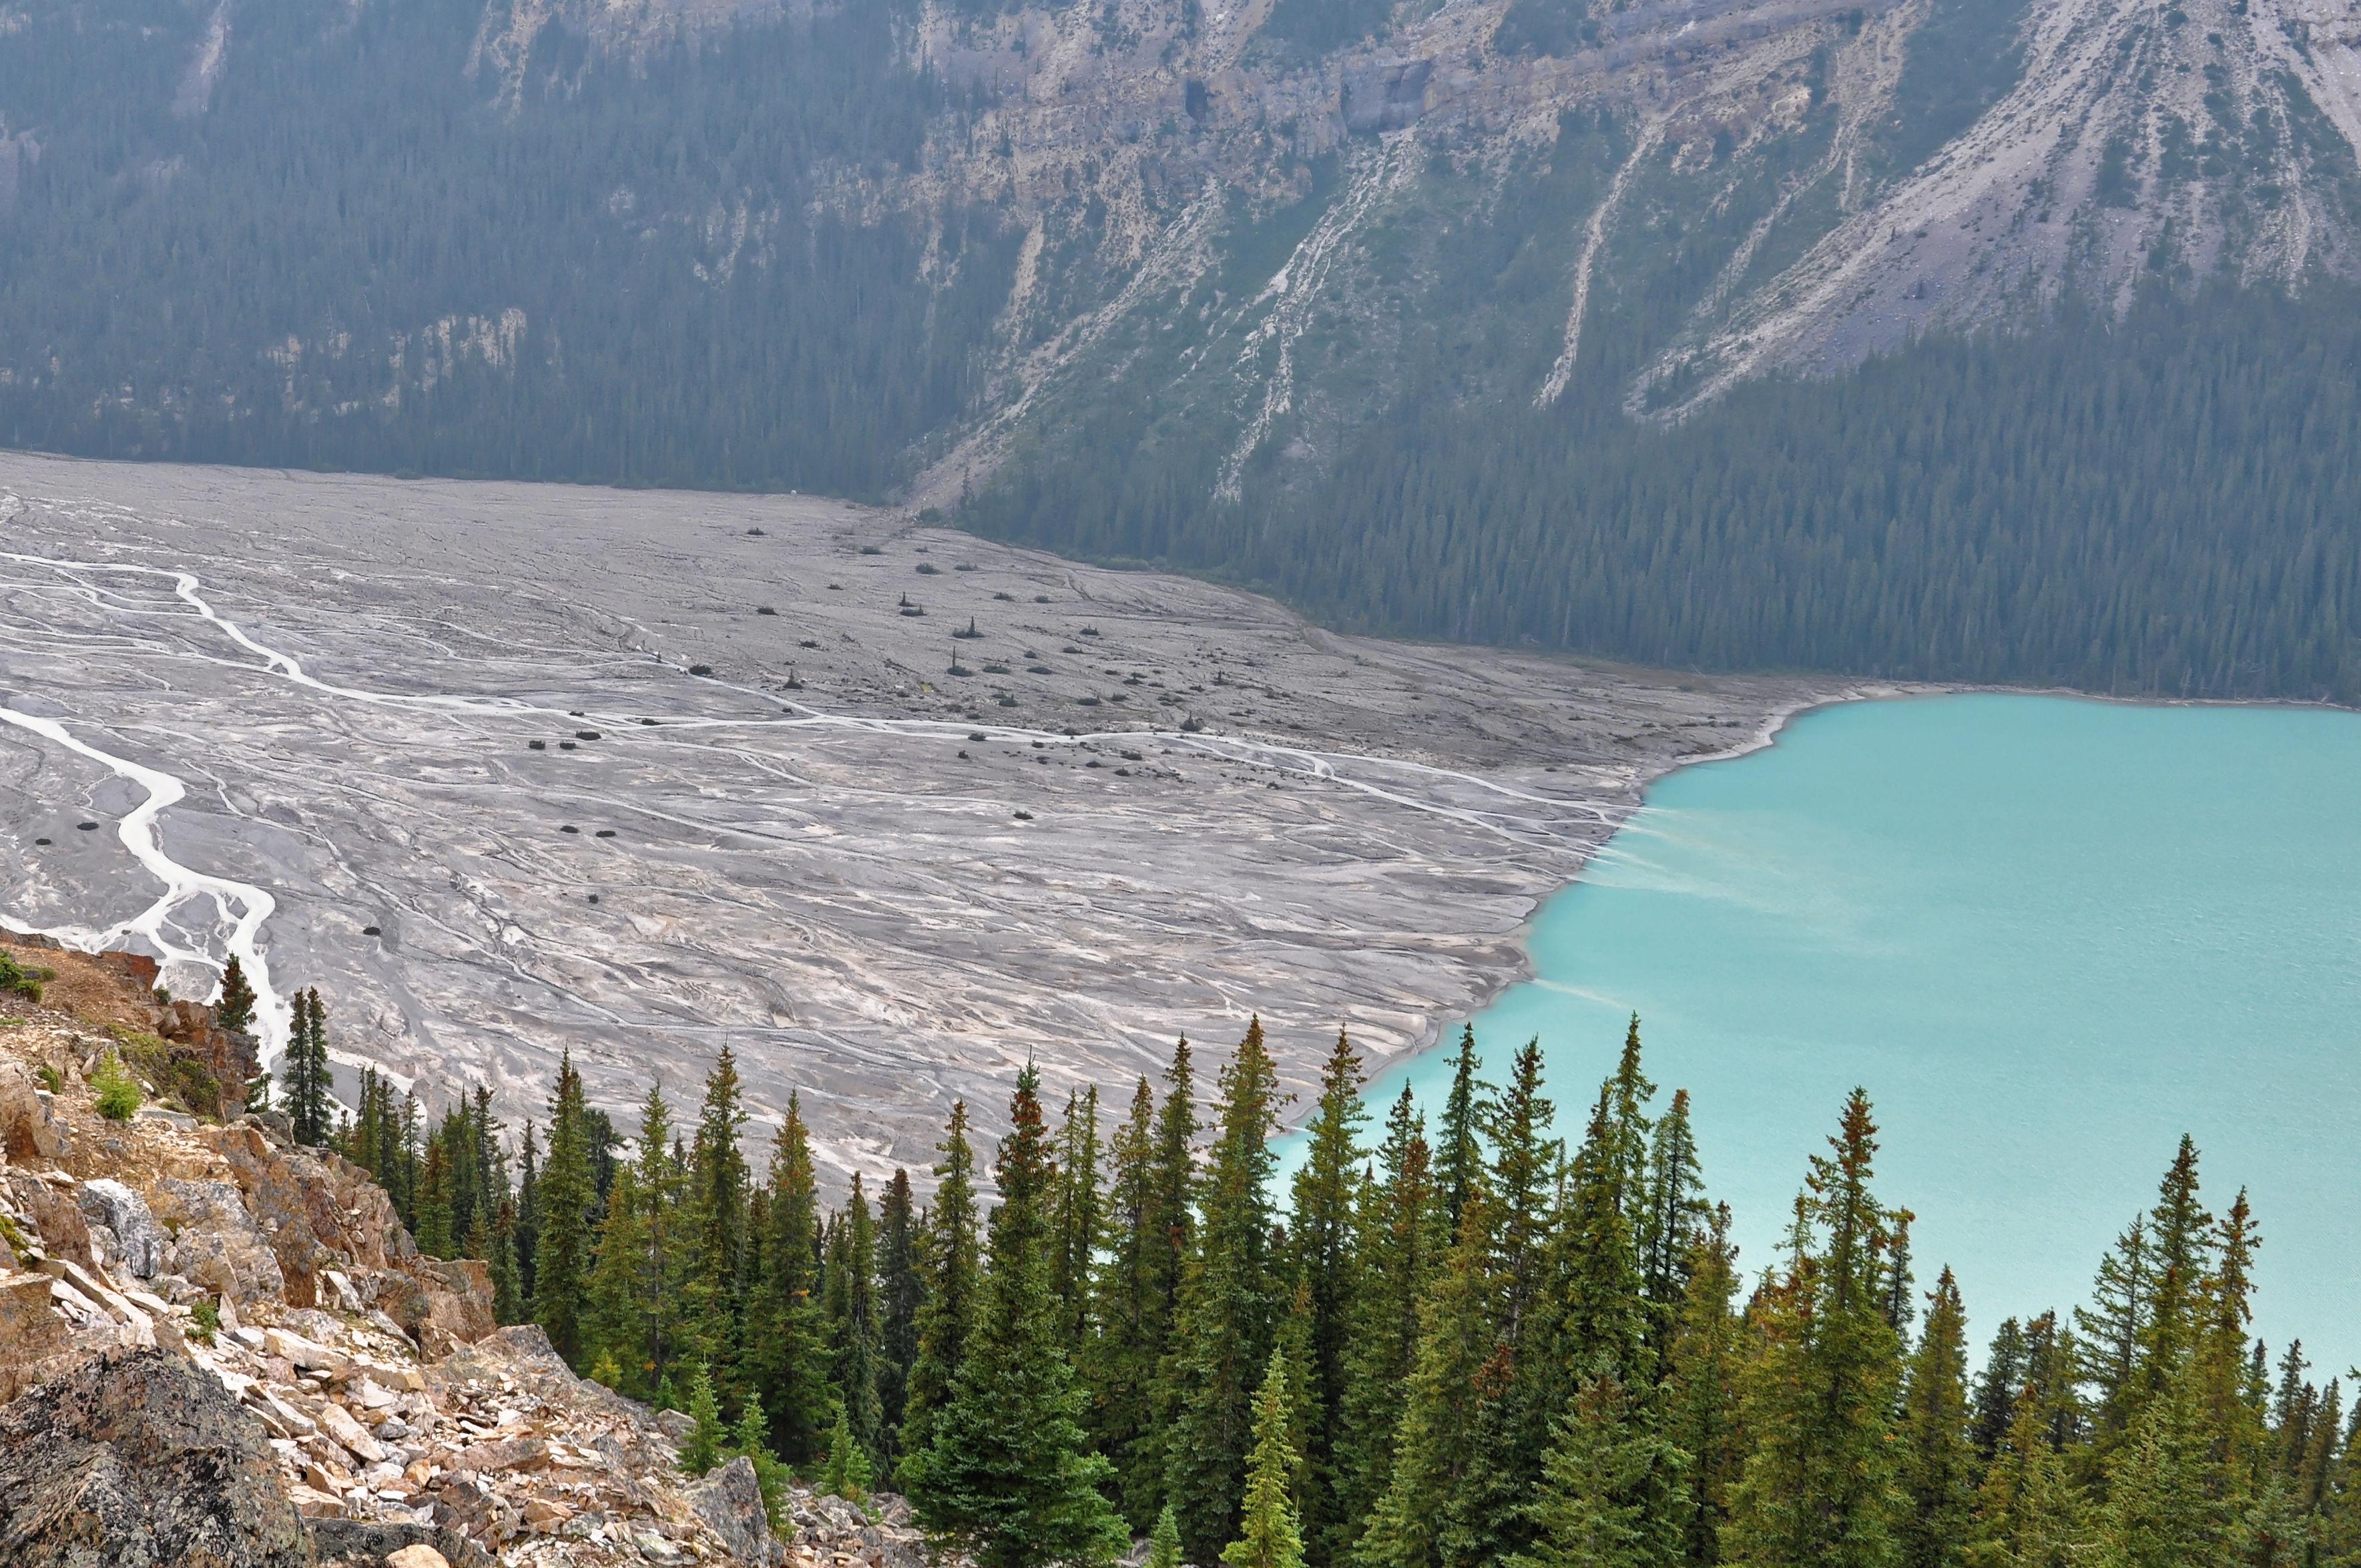 Le glacier Peyto dans les Rocheuses au Canada